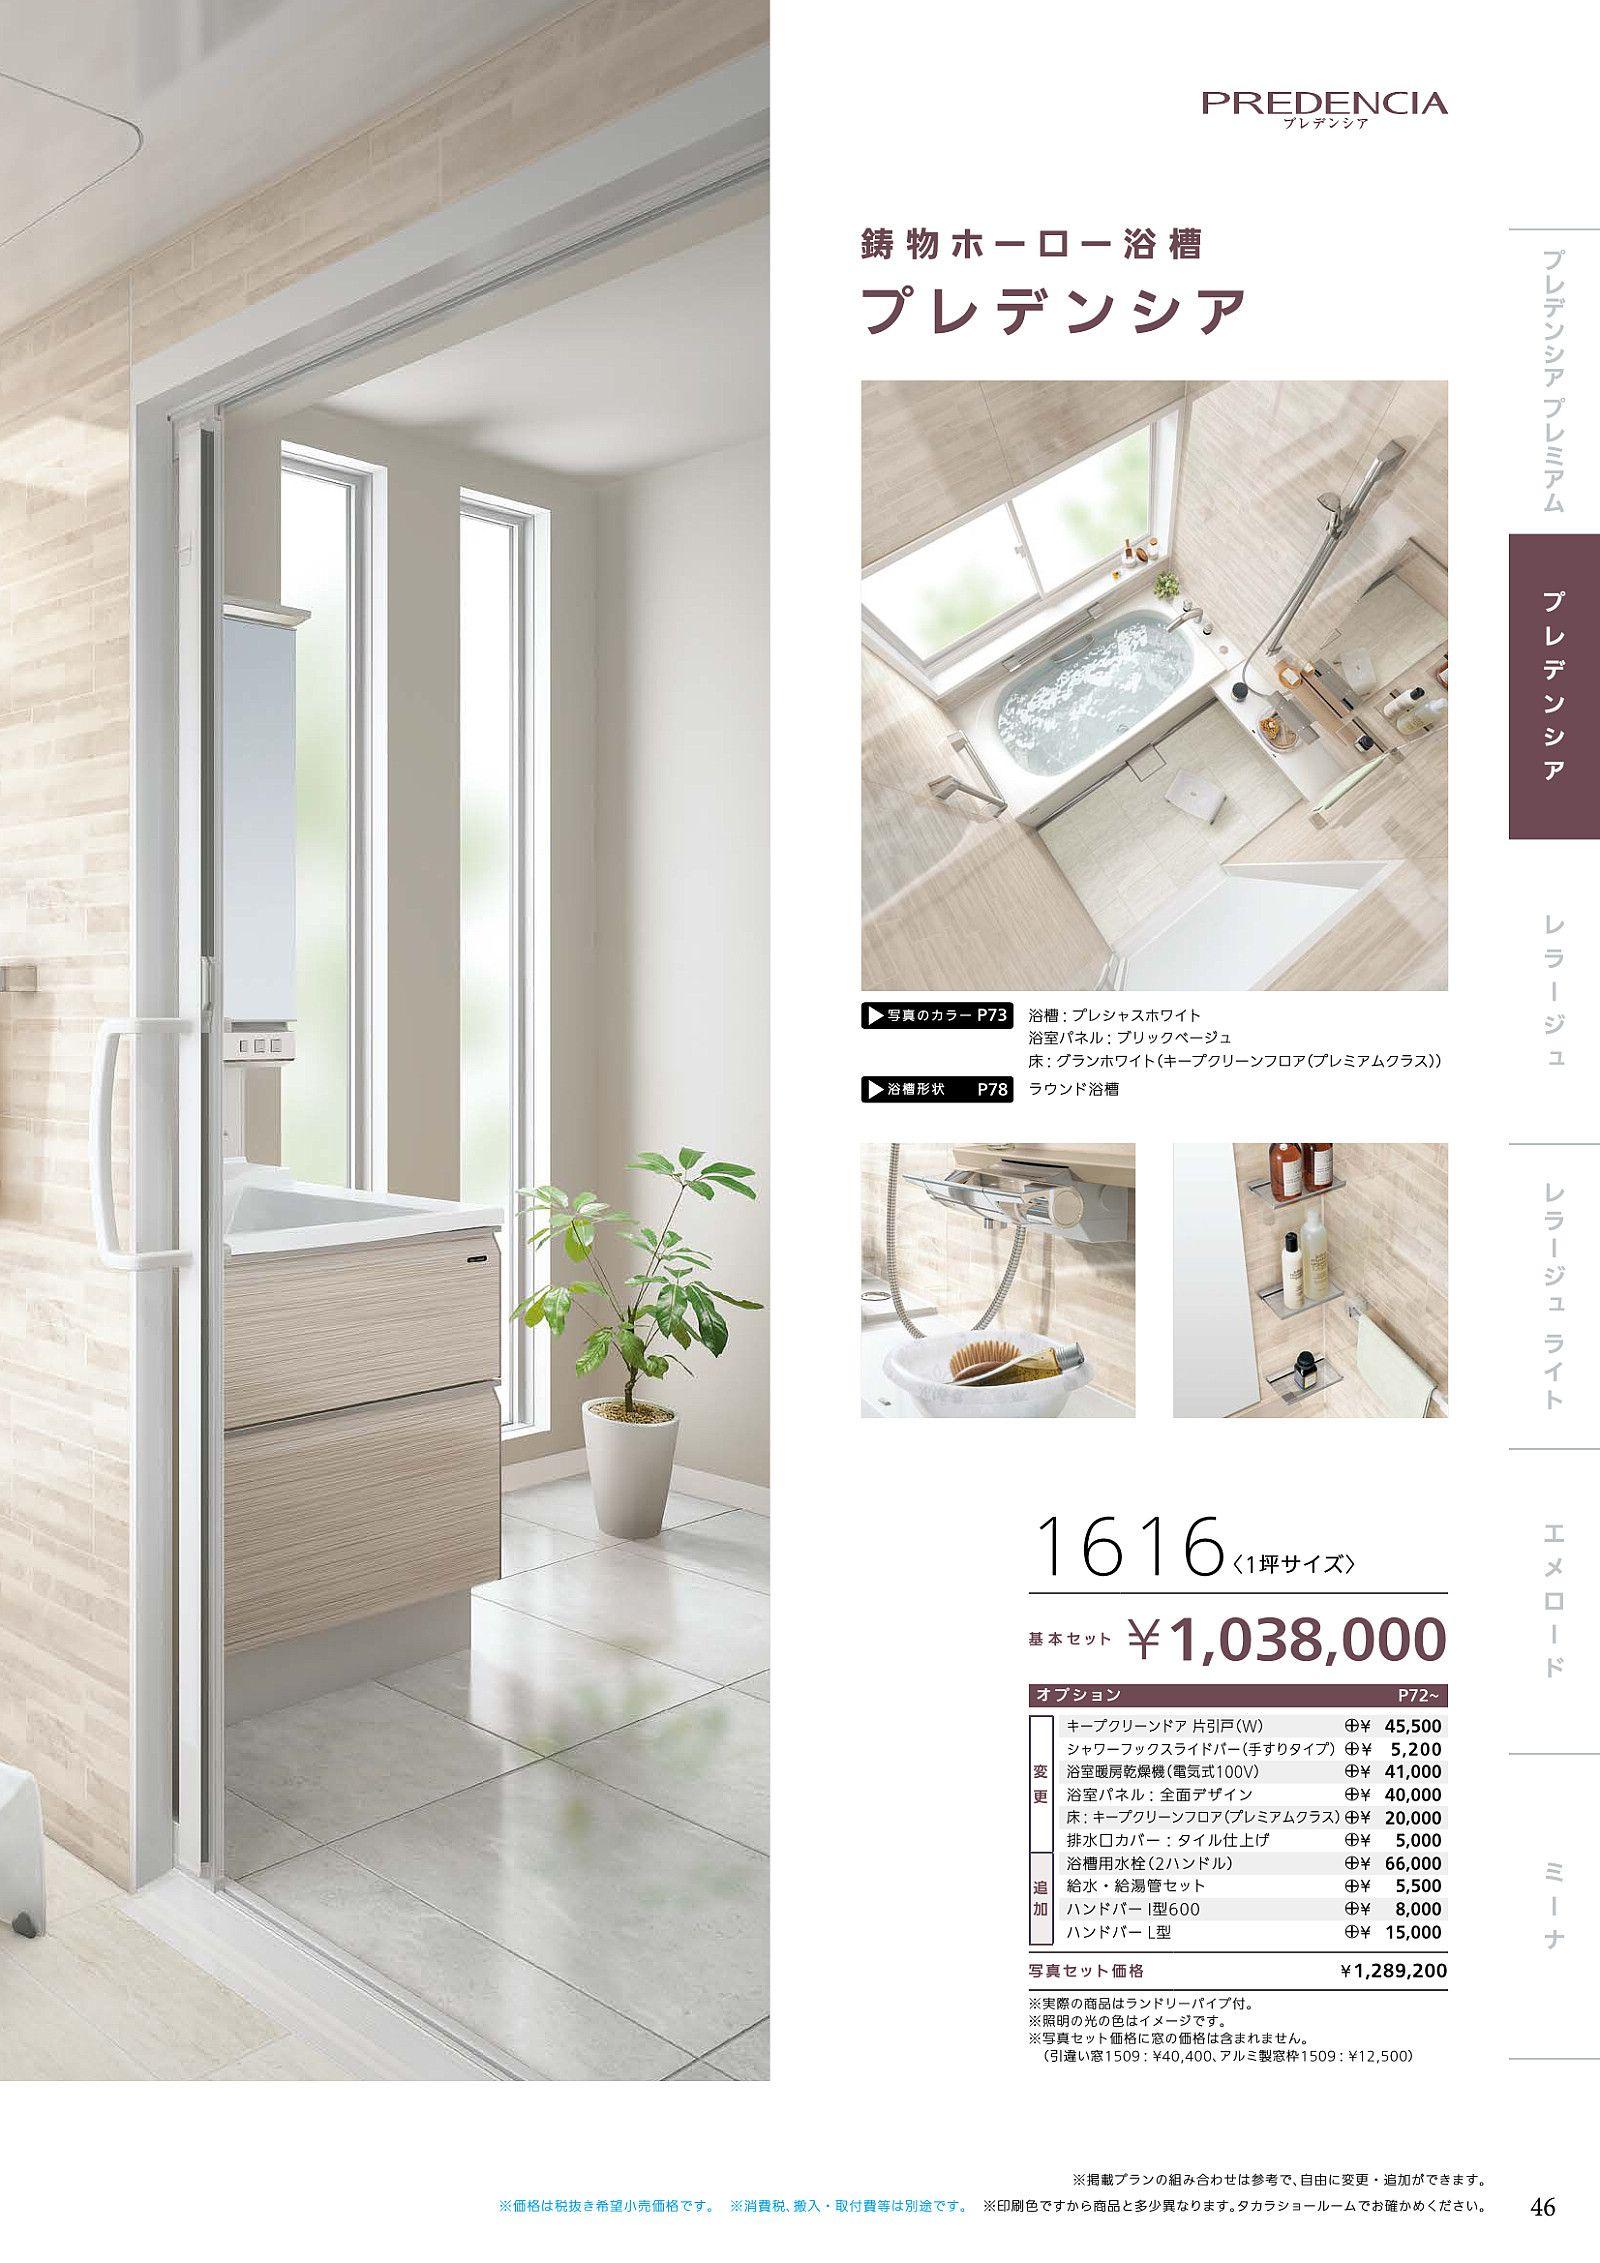 ボード 浴室 デザイン のピン